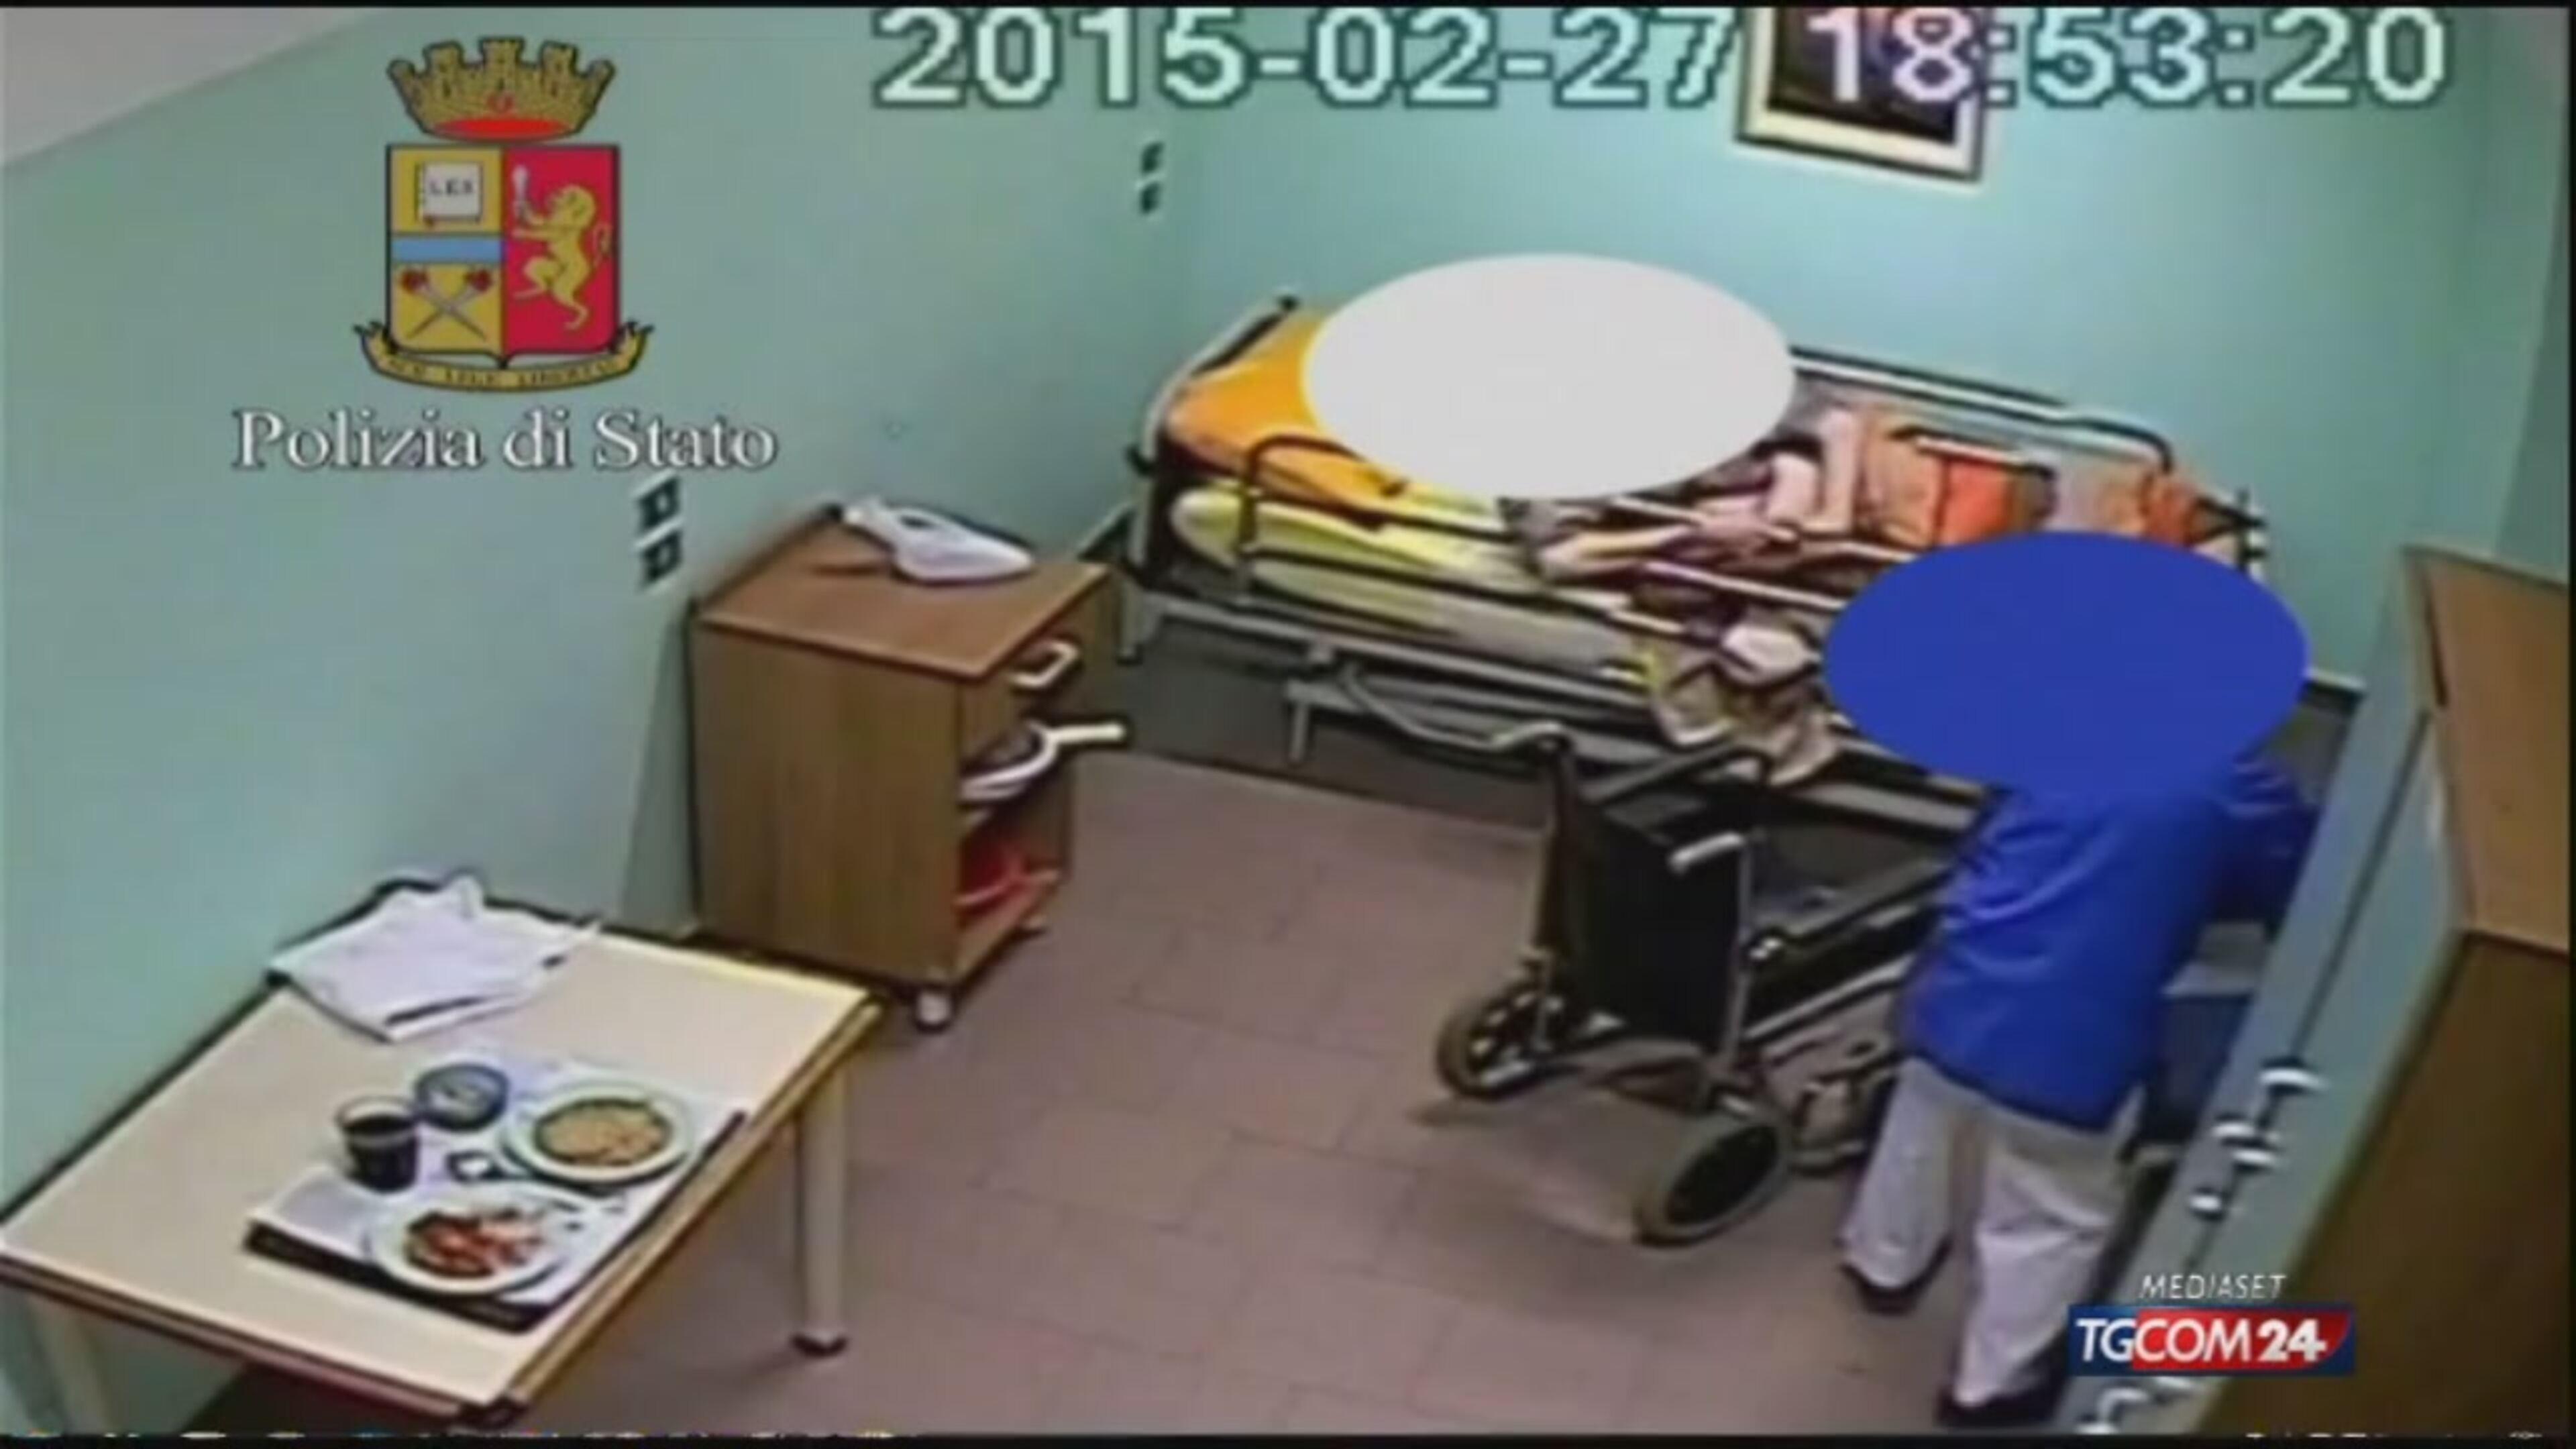 Video tgcom24 milano malati psichiatrici maltrattati for Ultimi progetti di casa